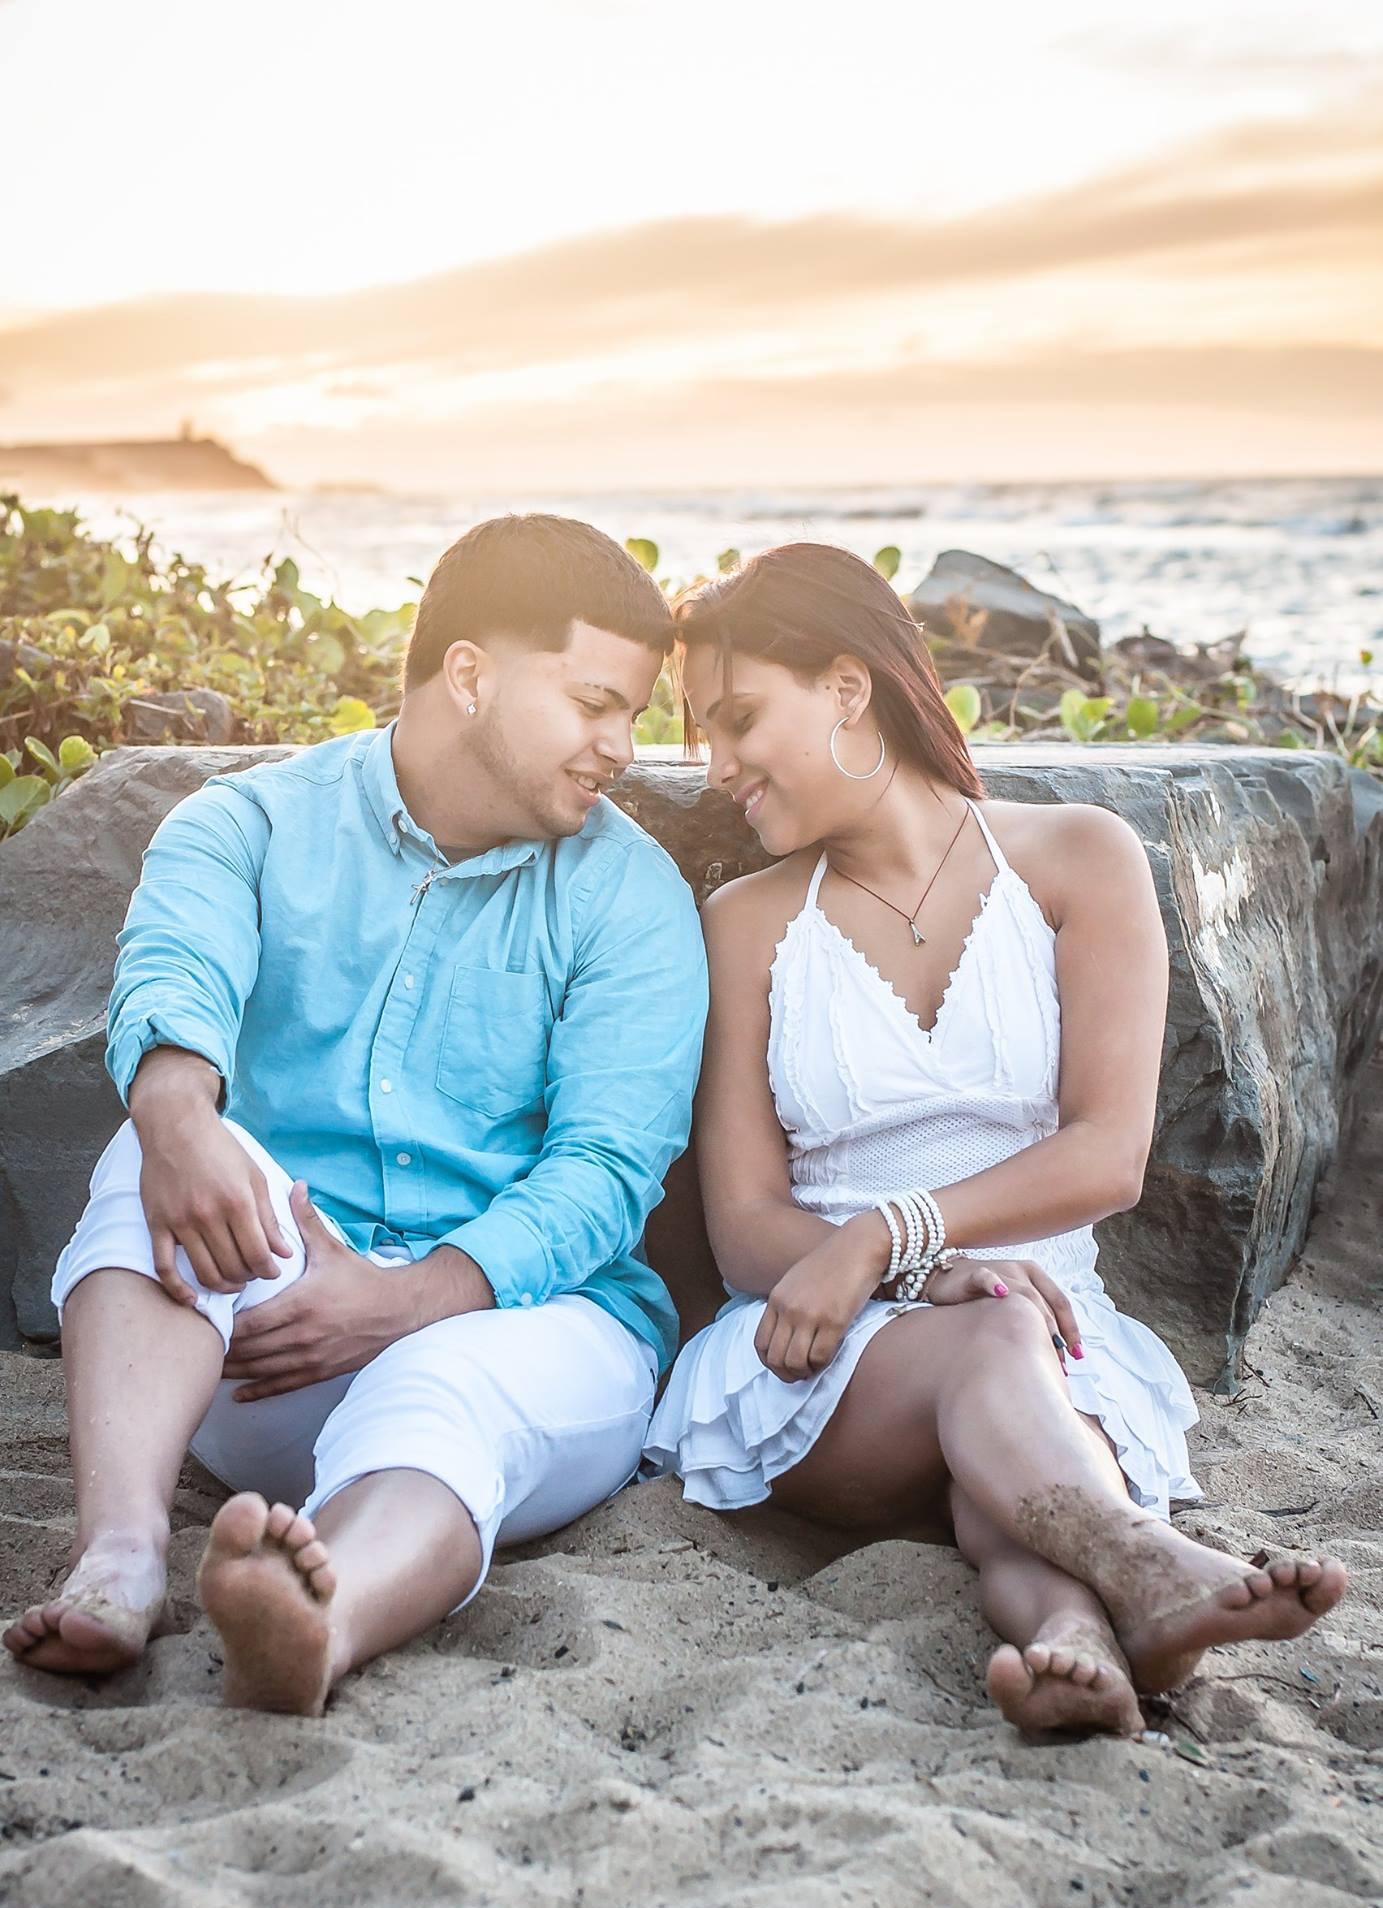 beach engagement photos Orlando photographer Yanitza Ninett